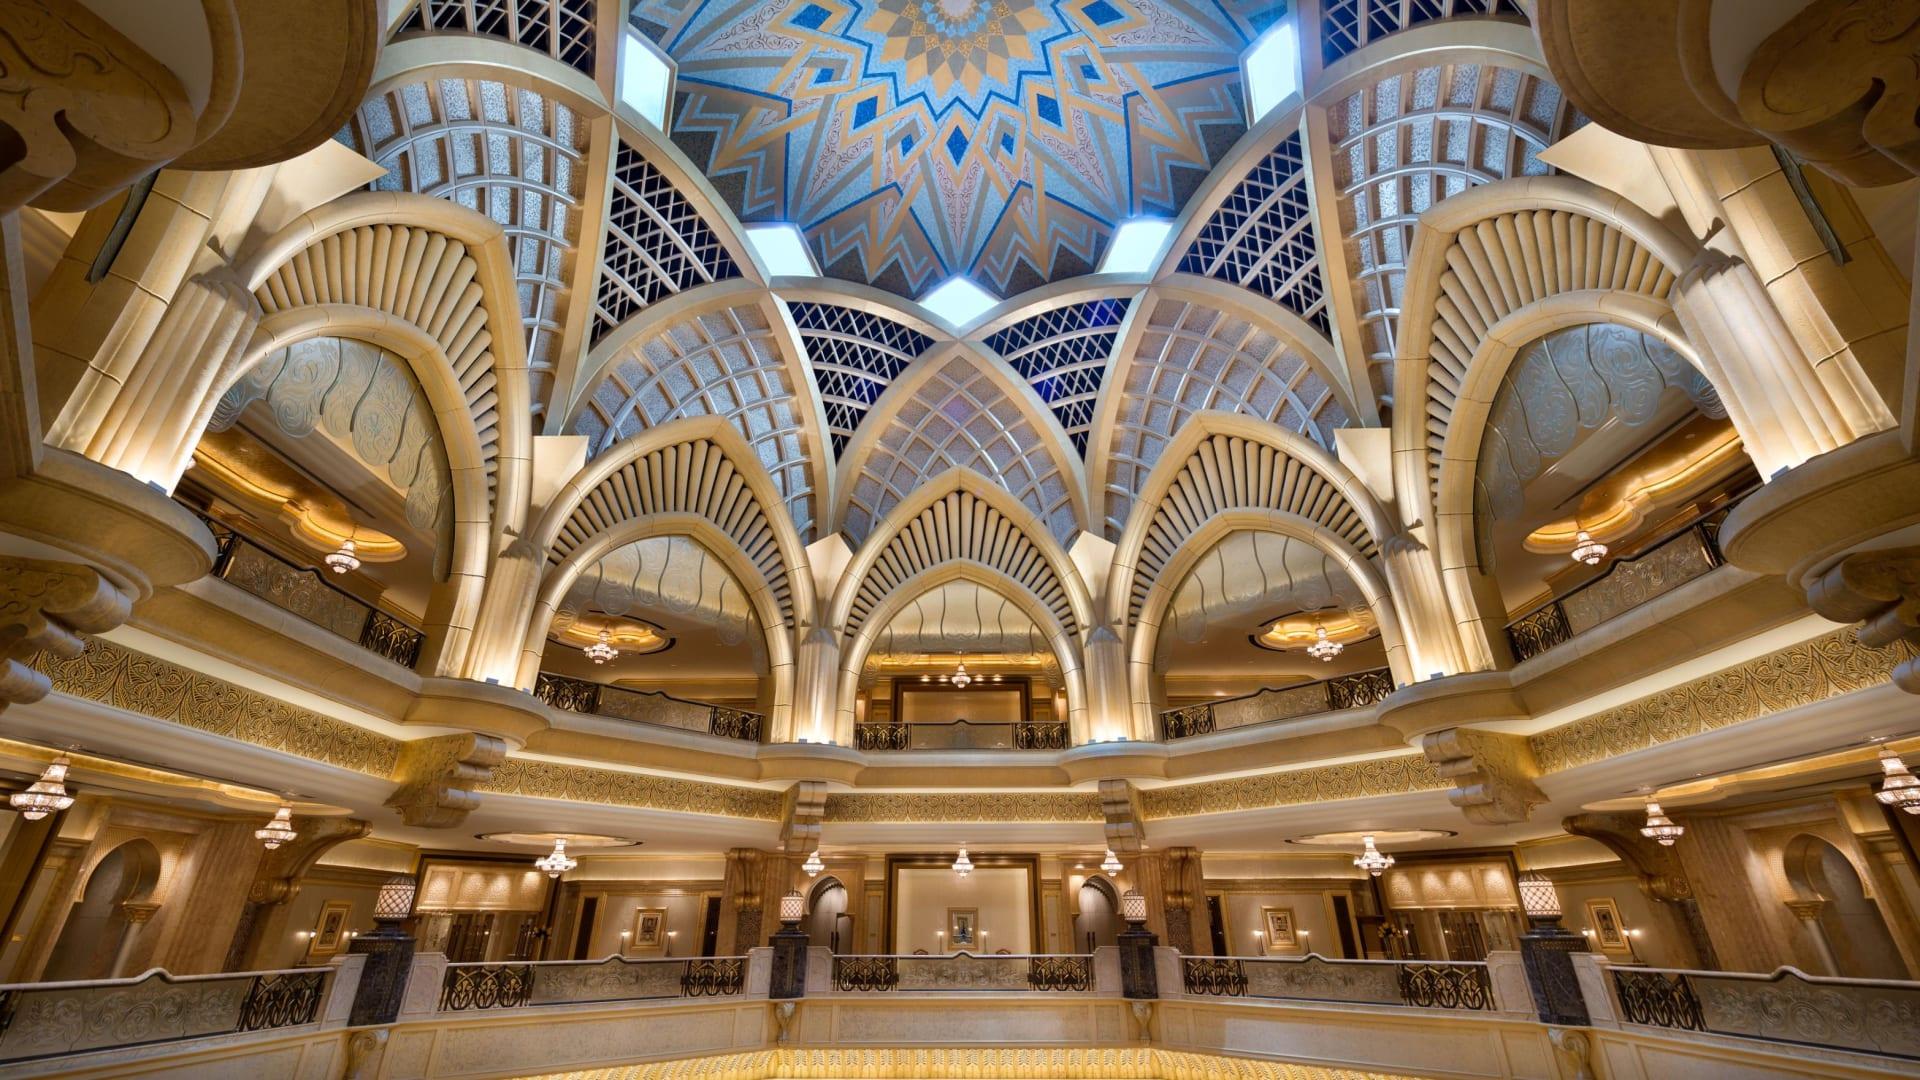 من الرجل وراء عملية صيانة سقف قصر الإمارات المغطى بالذهب؟